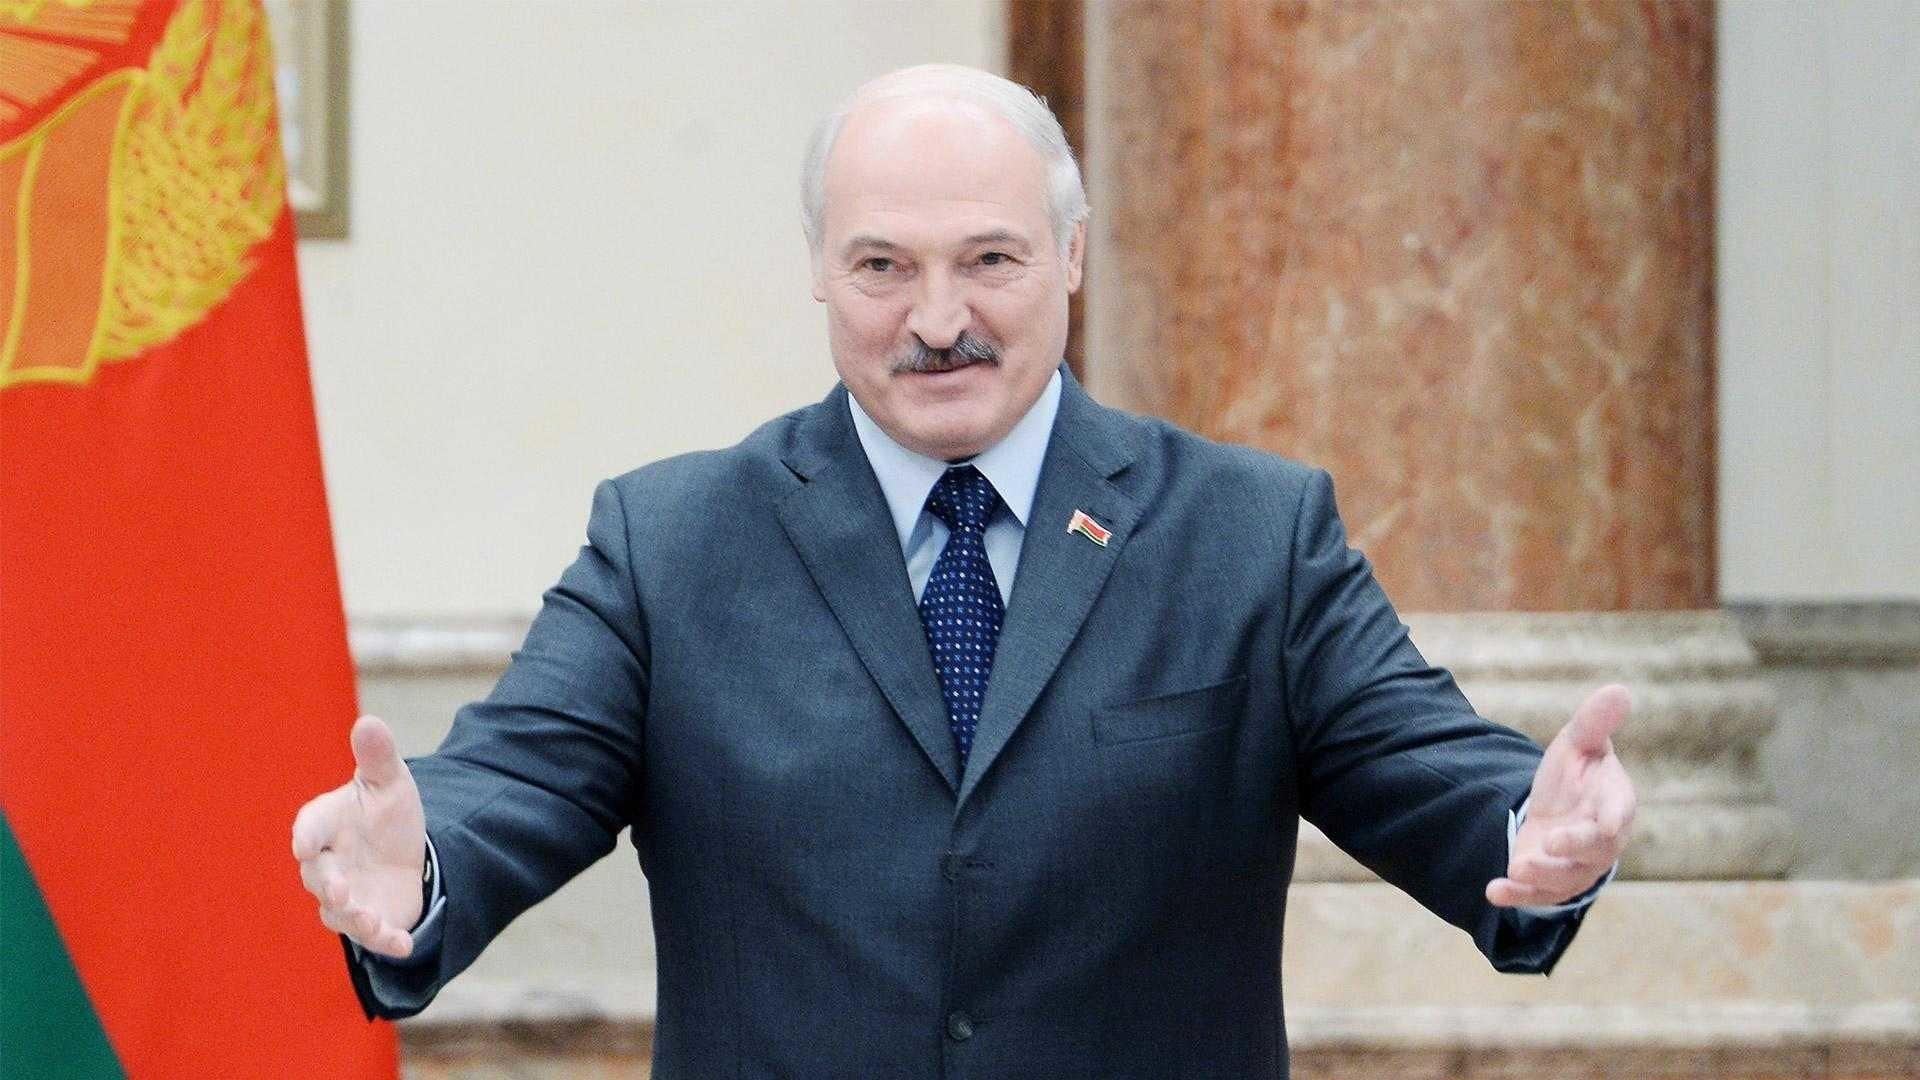 Лукашенко подписал указ о запуске АЭС